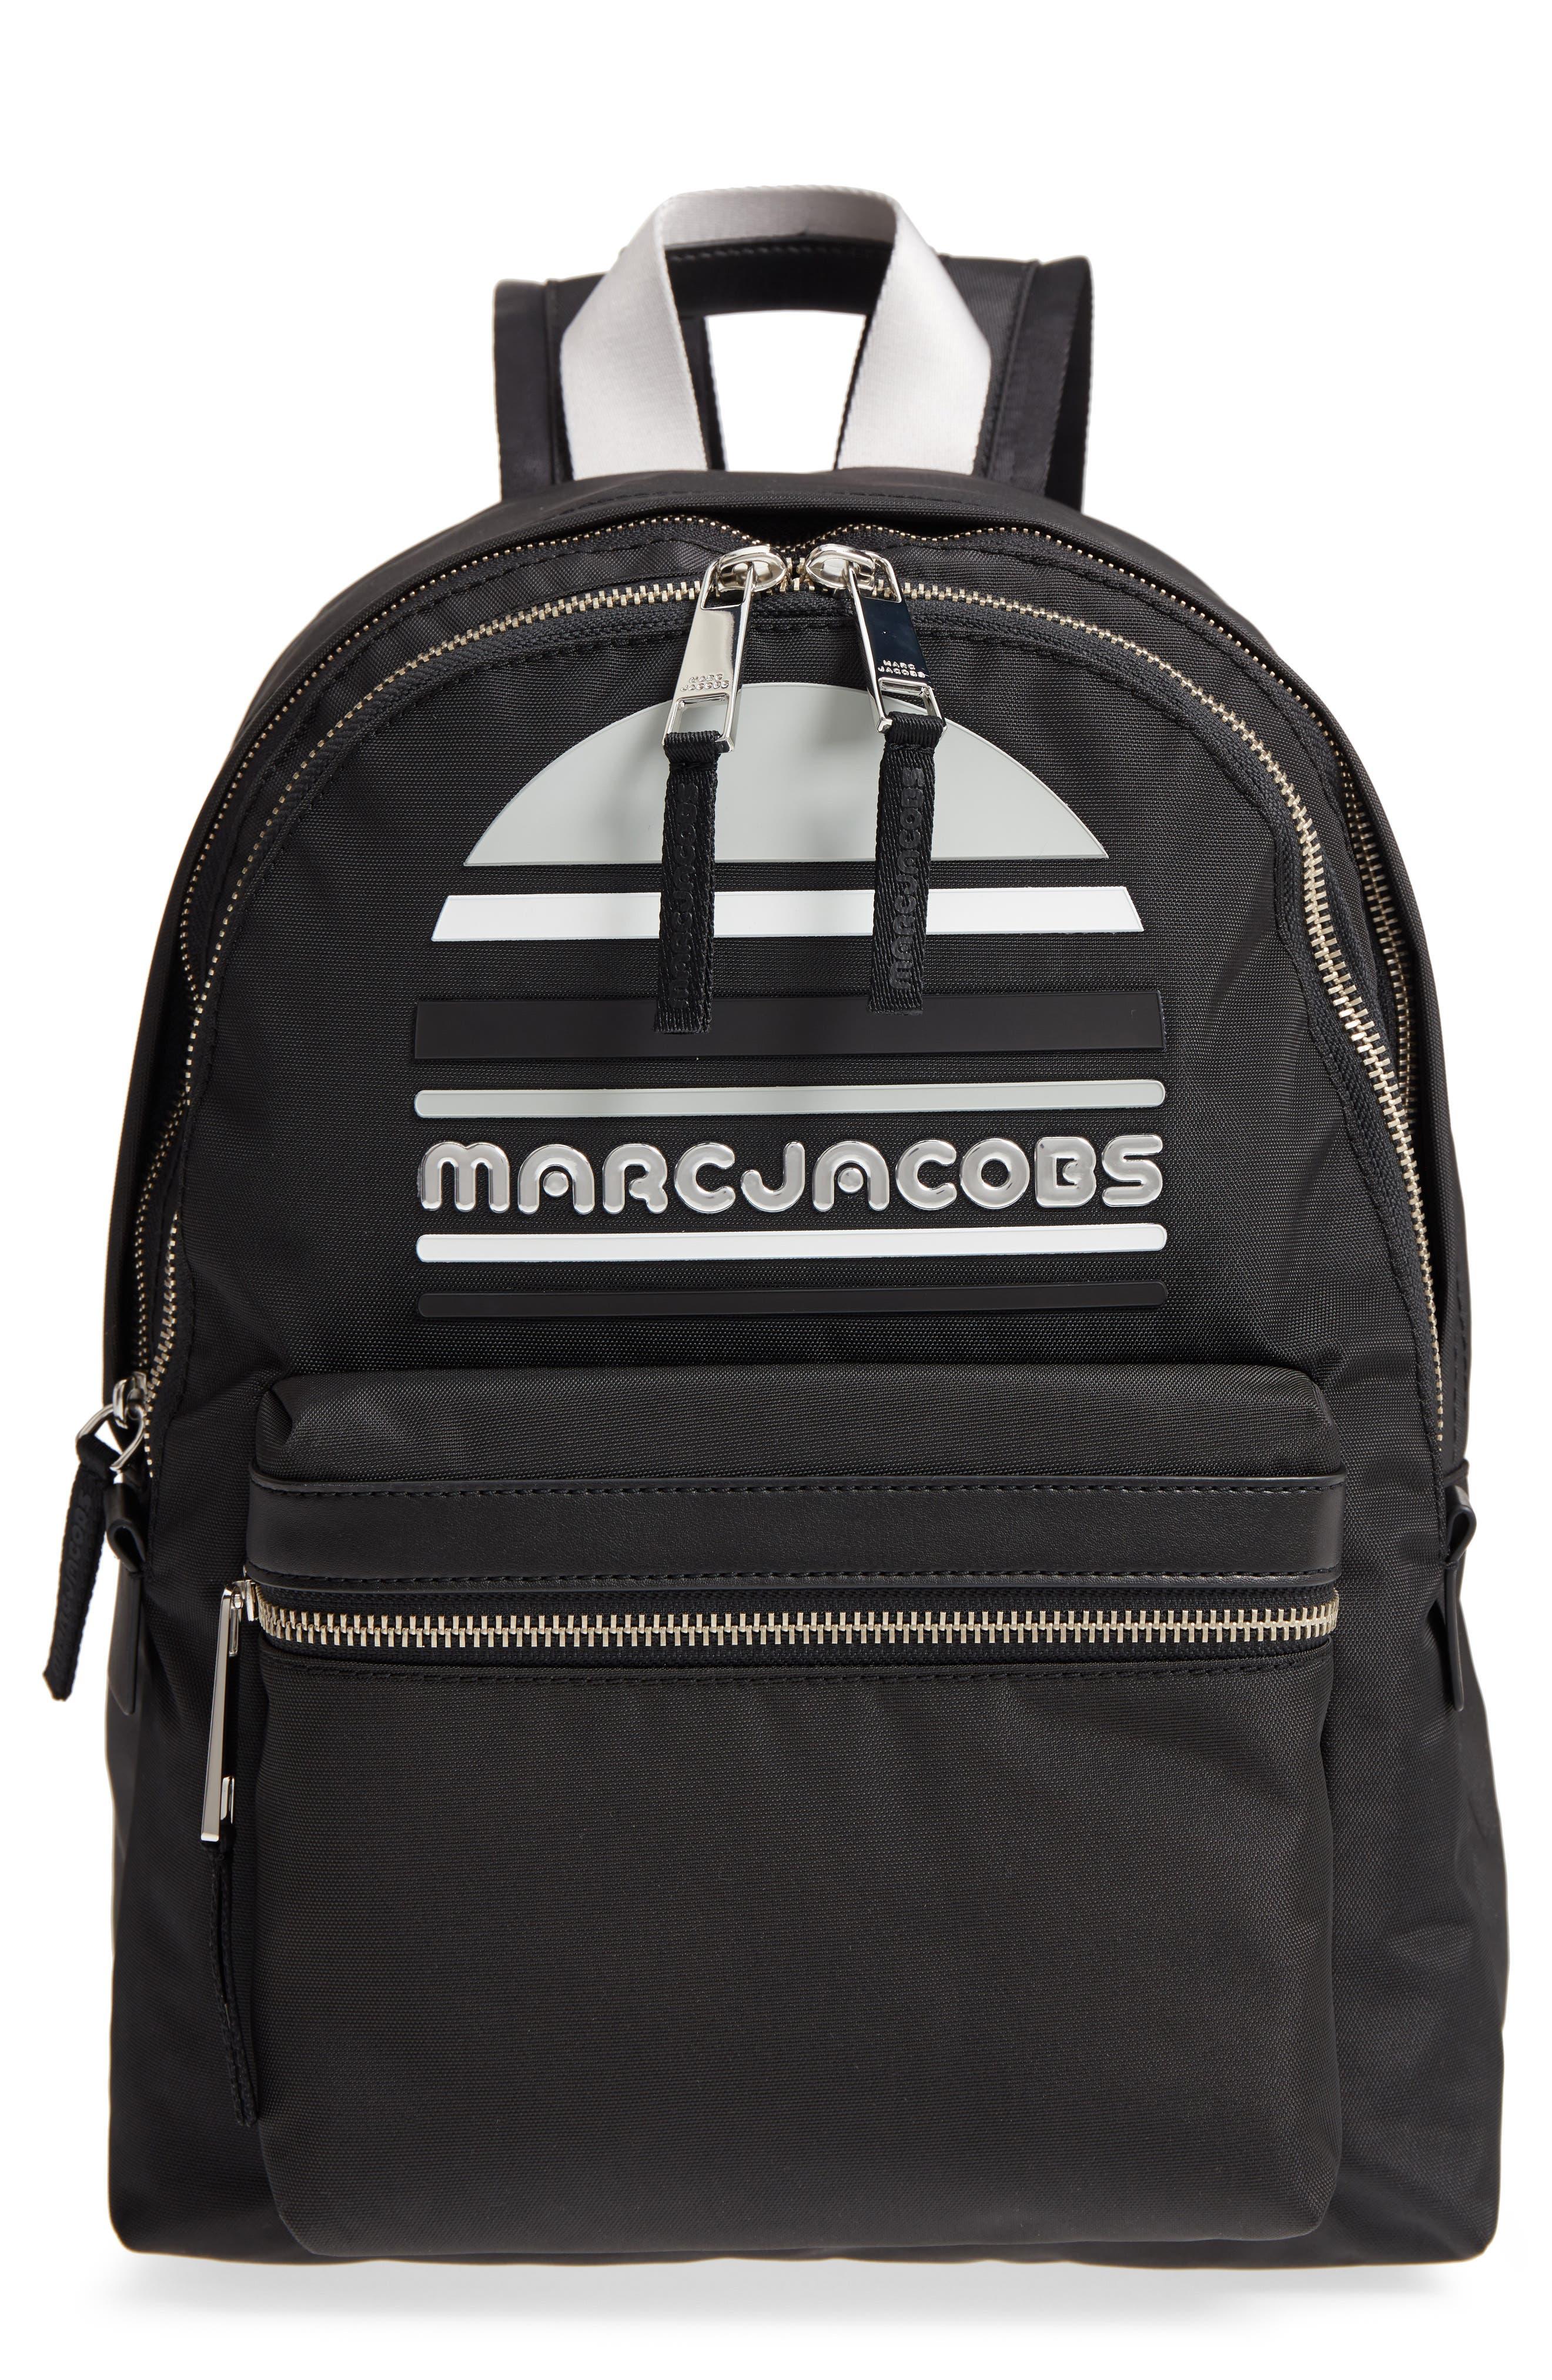 Large Sport Trek Nylon Backpack,                         Main,                         color, BLACK